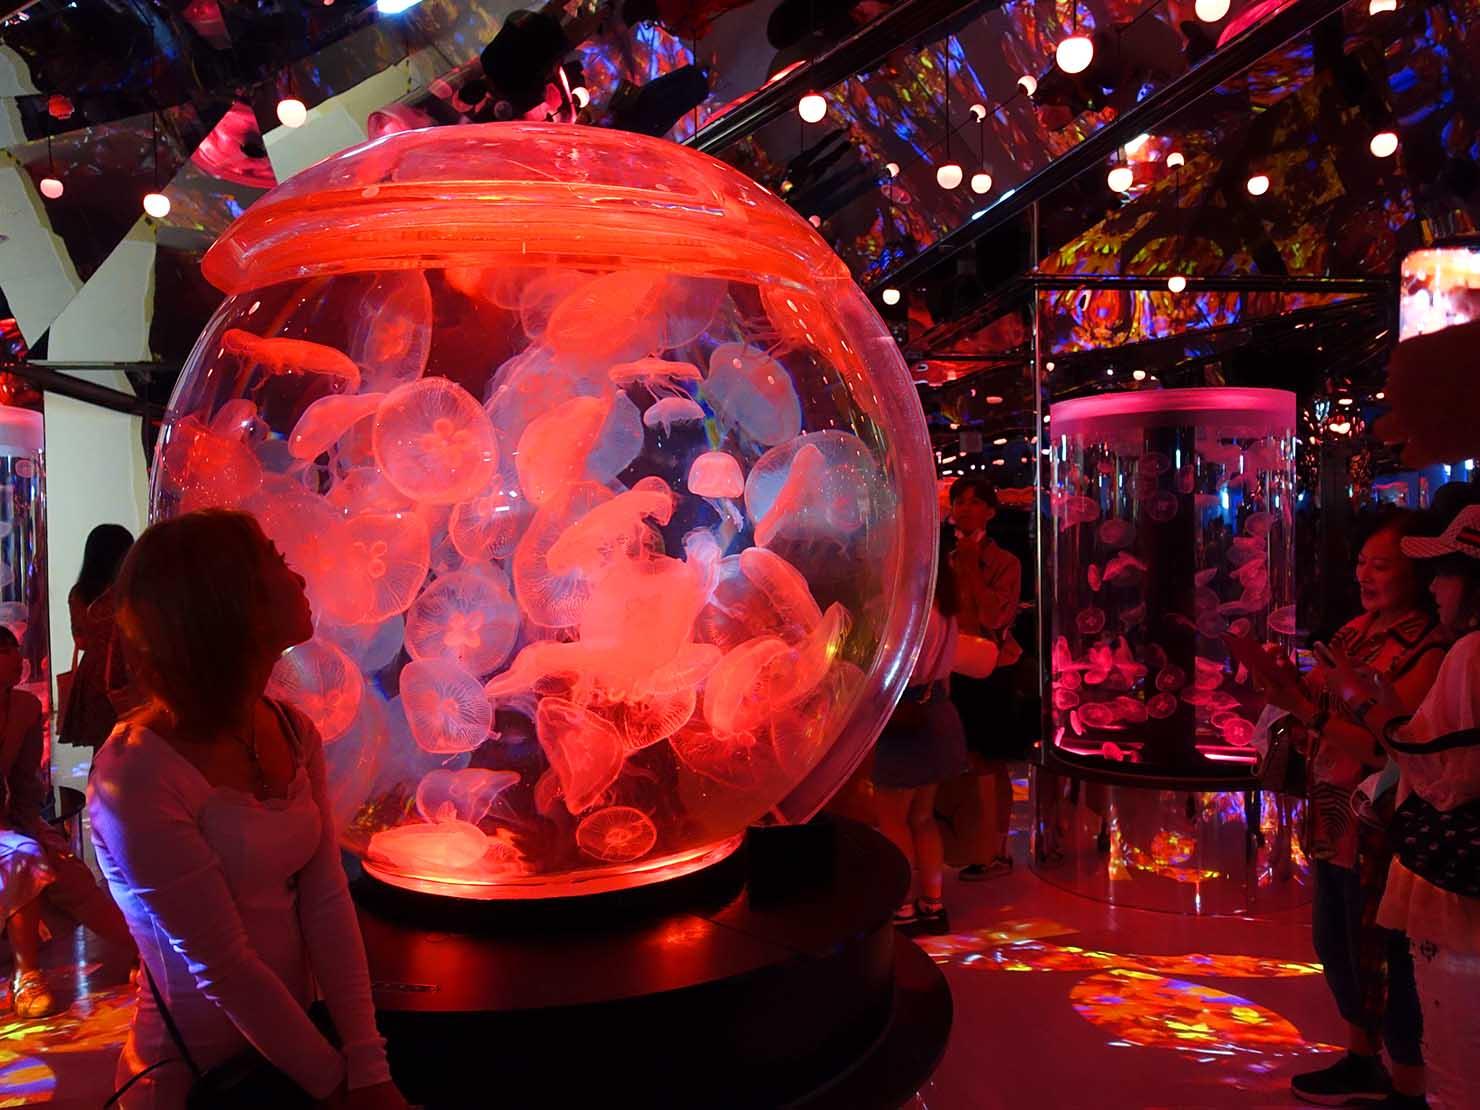 台北に誕生した都市型水族館「Xpark」内エリア「癒見水母」のクラゲ水槽